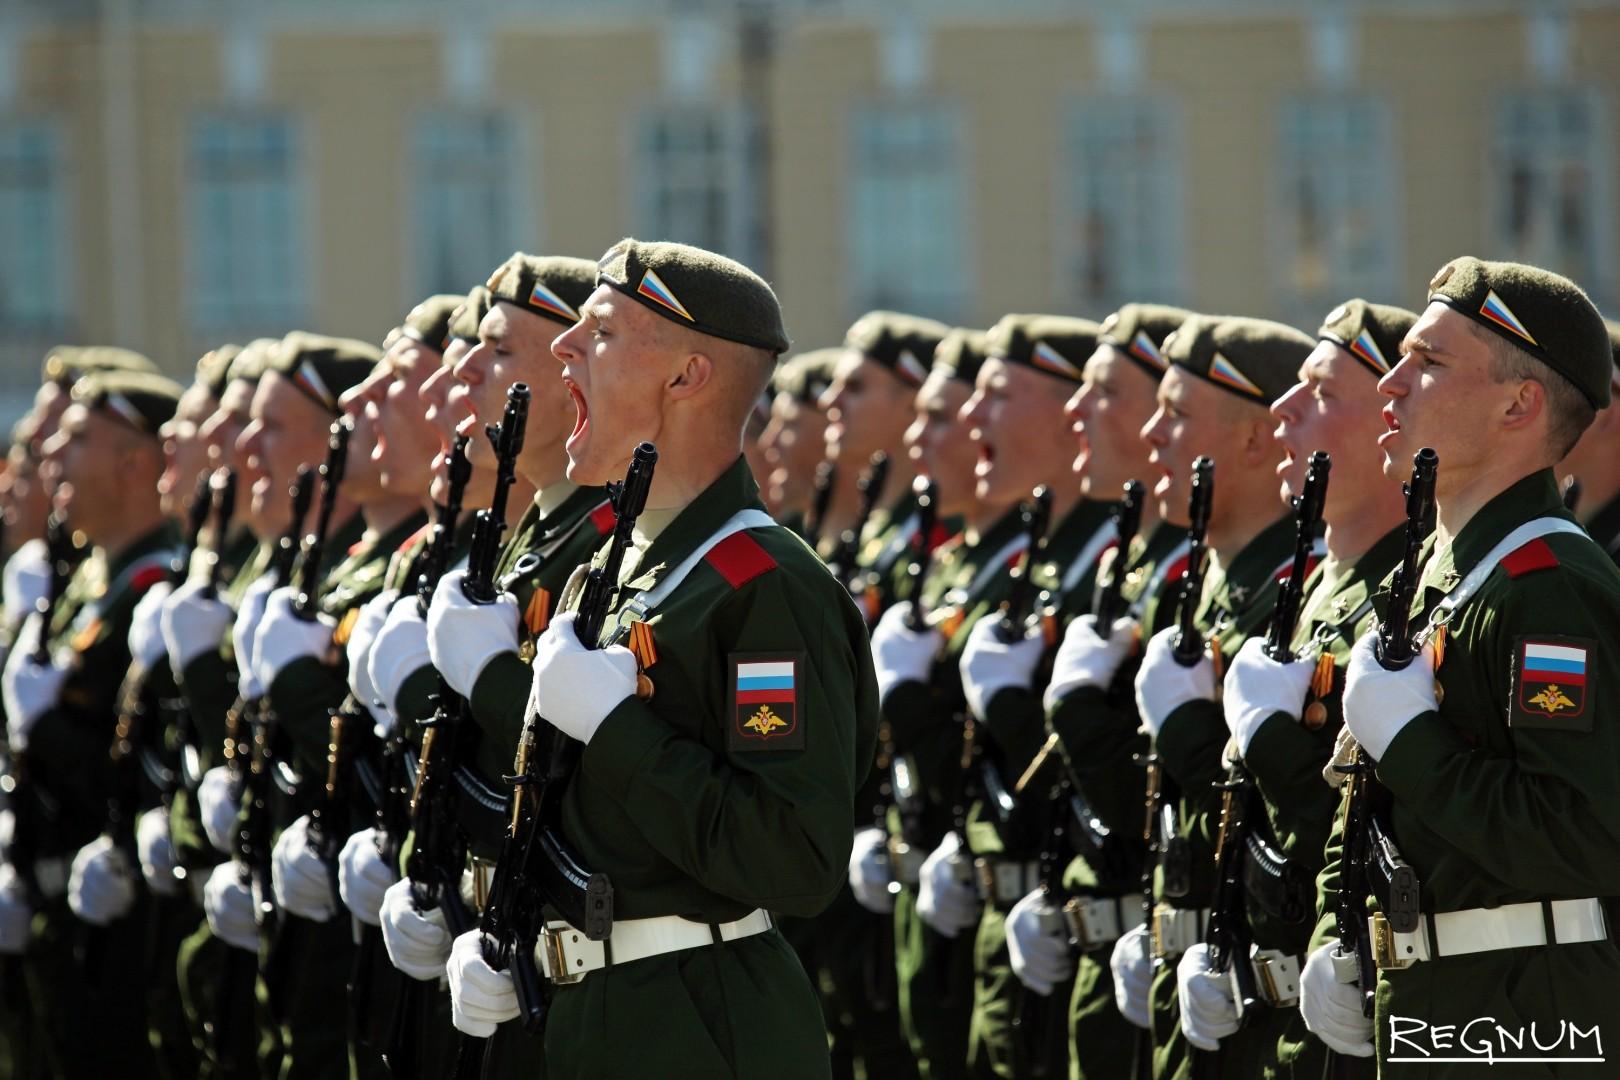 солдаты кричат ура картинки первого взгляда может